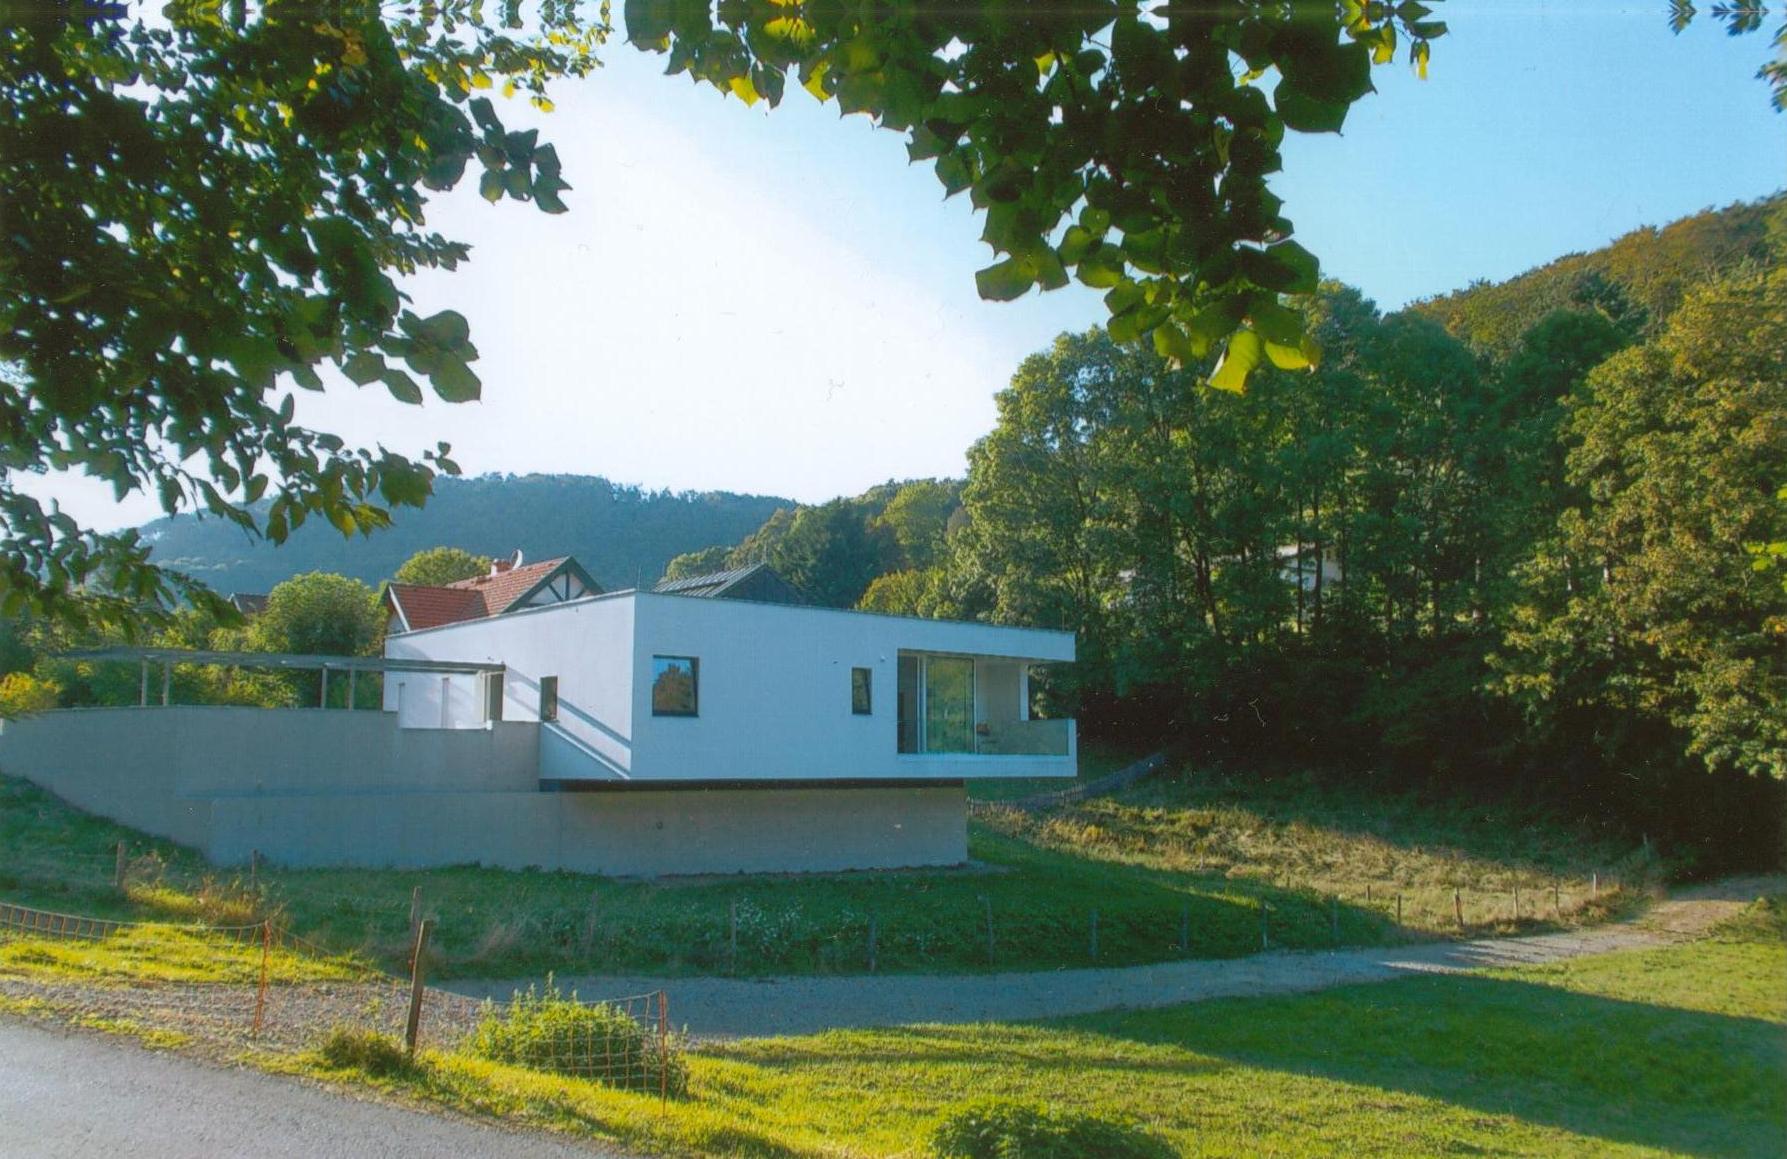 IPTT - Institut für Psychotraumatherapie - Seminarhaus in Weissenbach,IPTT- Institut für Psychotraumatherapie, Weiterbildung Spezielle Psychotraumatherapie (SPTT) – zertifiziertes Curriculum